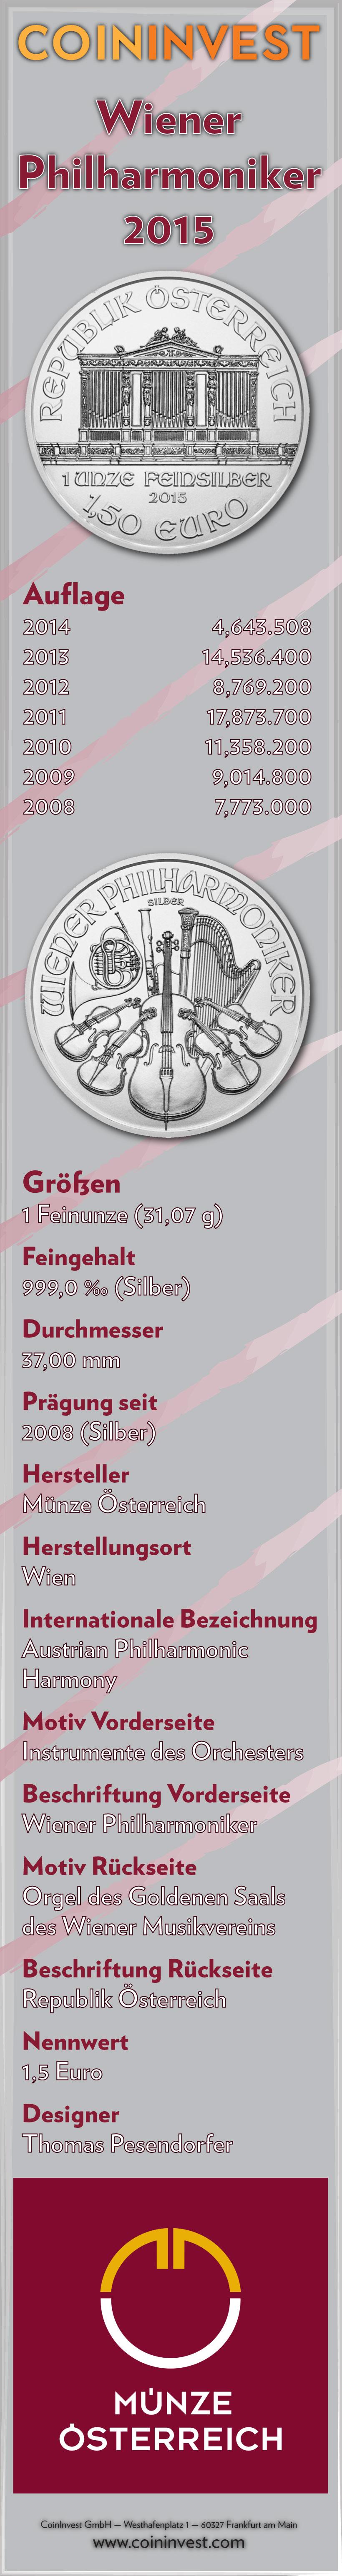 Wiener Philharmoniker 2015 — Silbermünze Österreich — Münze Österreich (Infografik)